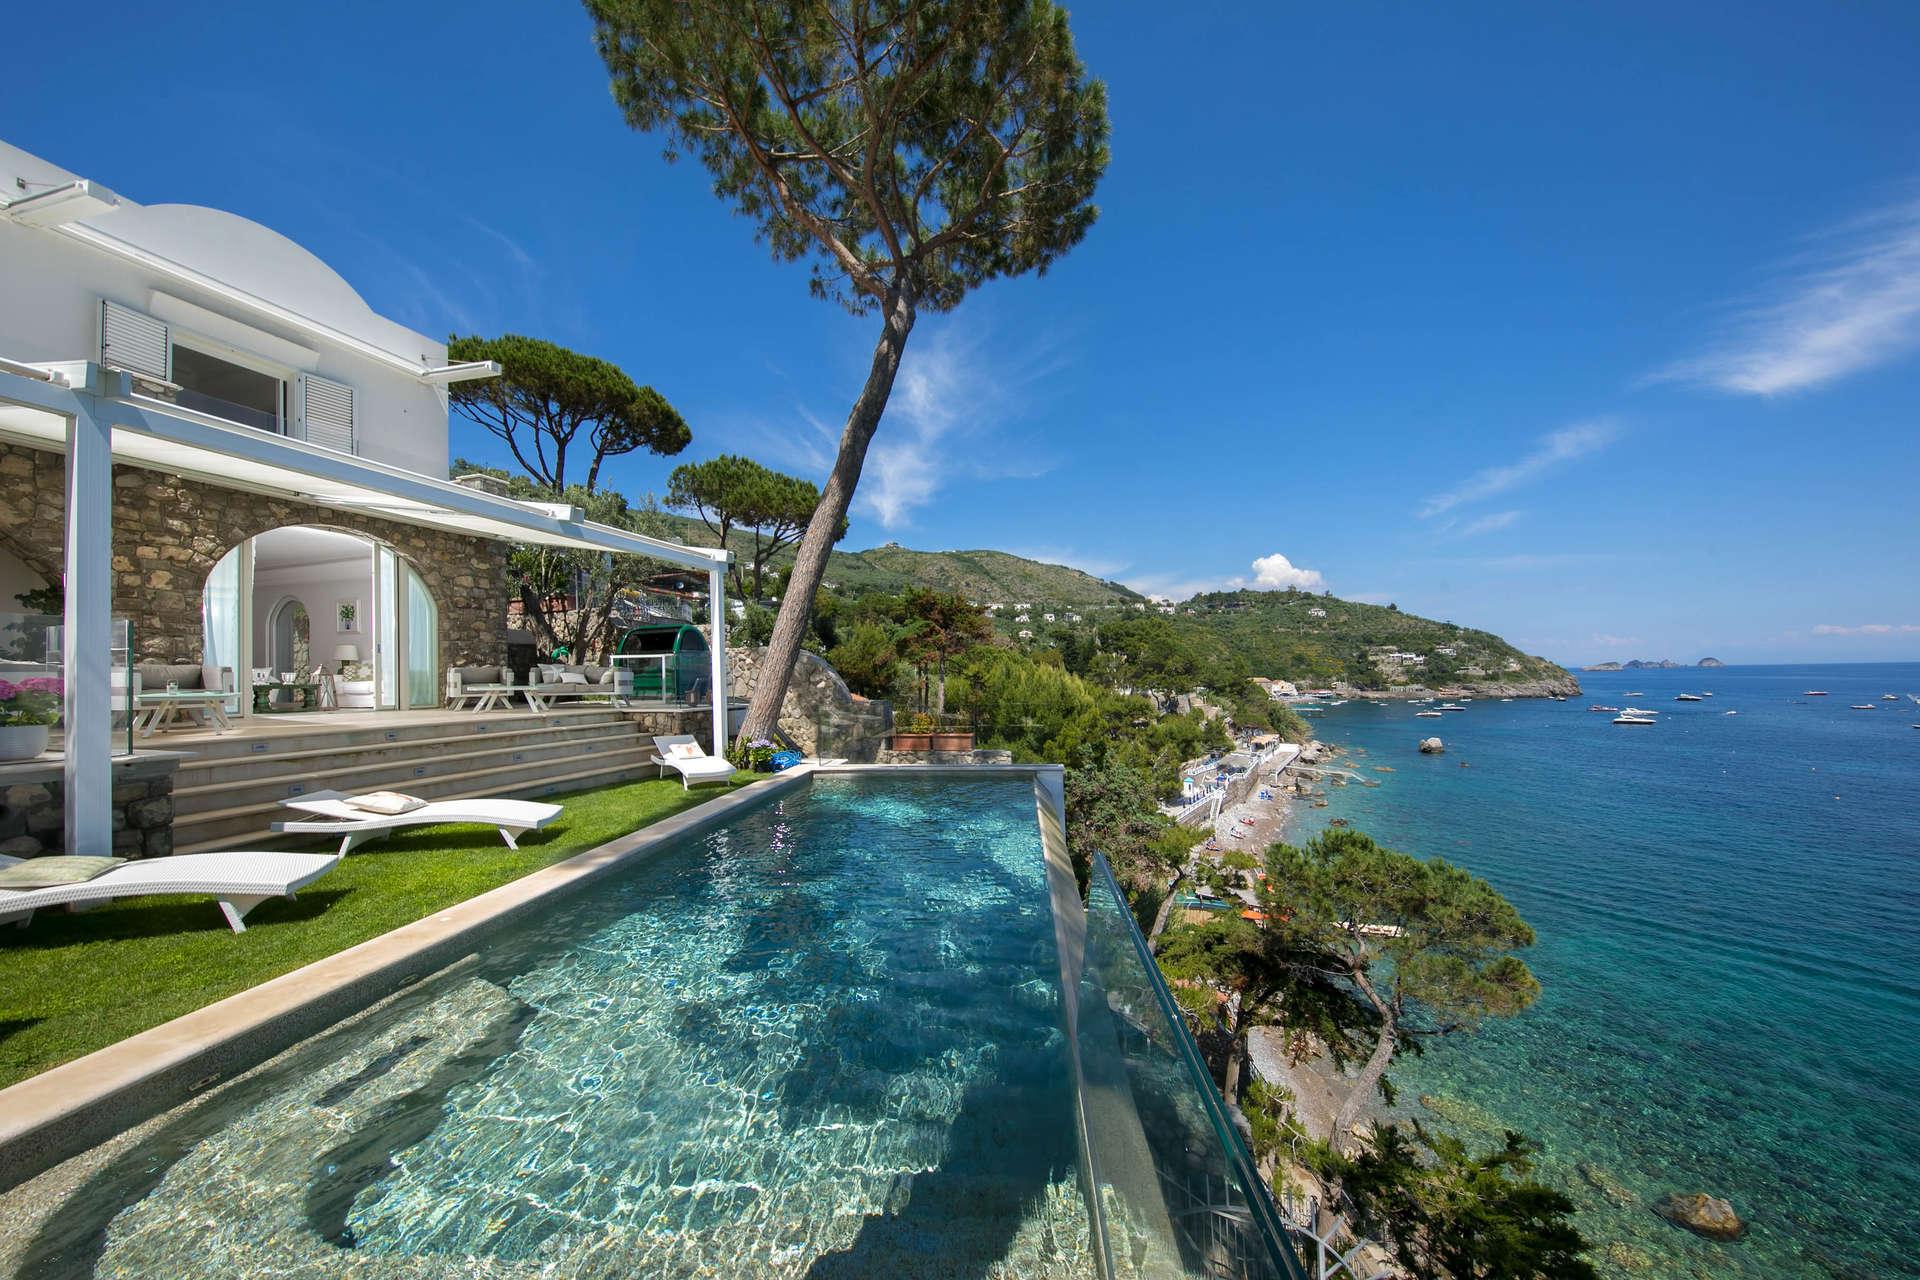 Luxury vacation rentals europe - Italy - Amalfi coast - Sorren to - Gonda - Image 1/22